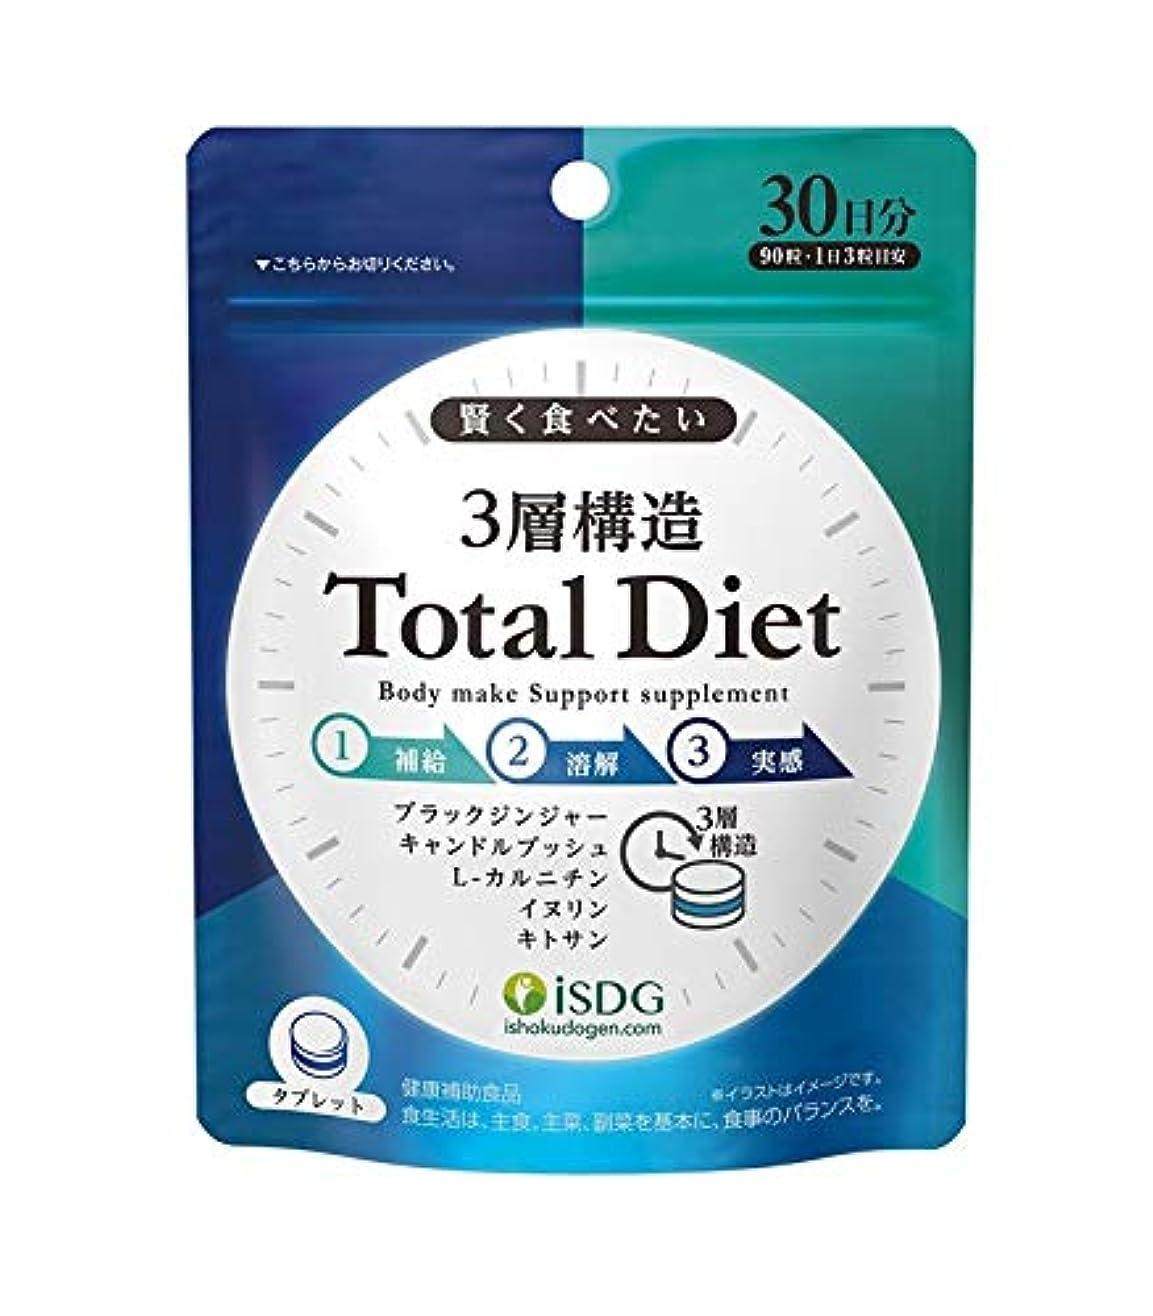 流星乱す気楽な医食同源 3層構造Total Diet 90粒